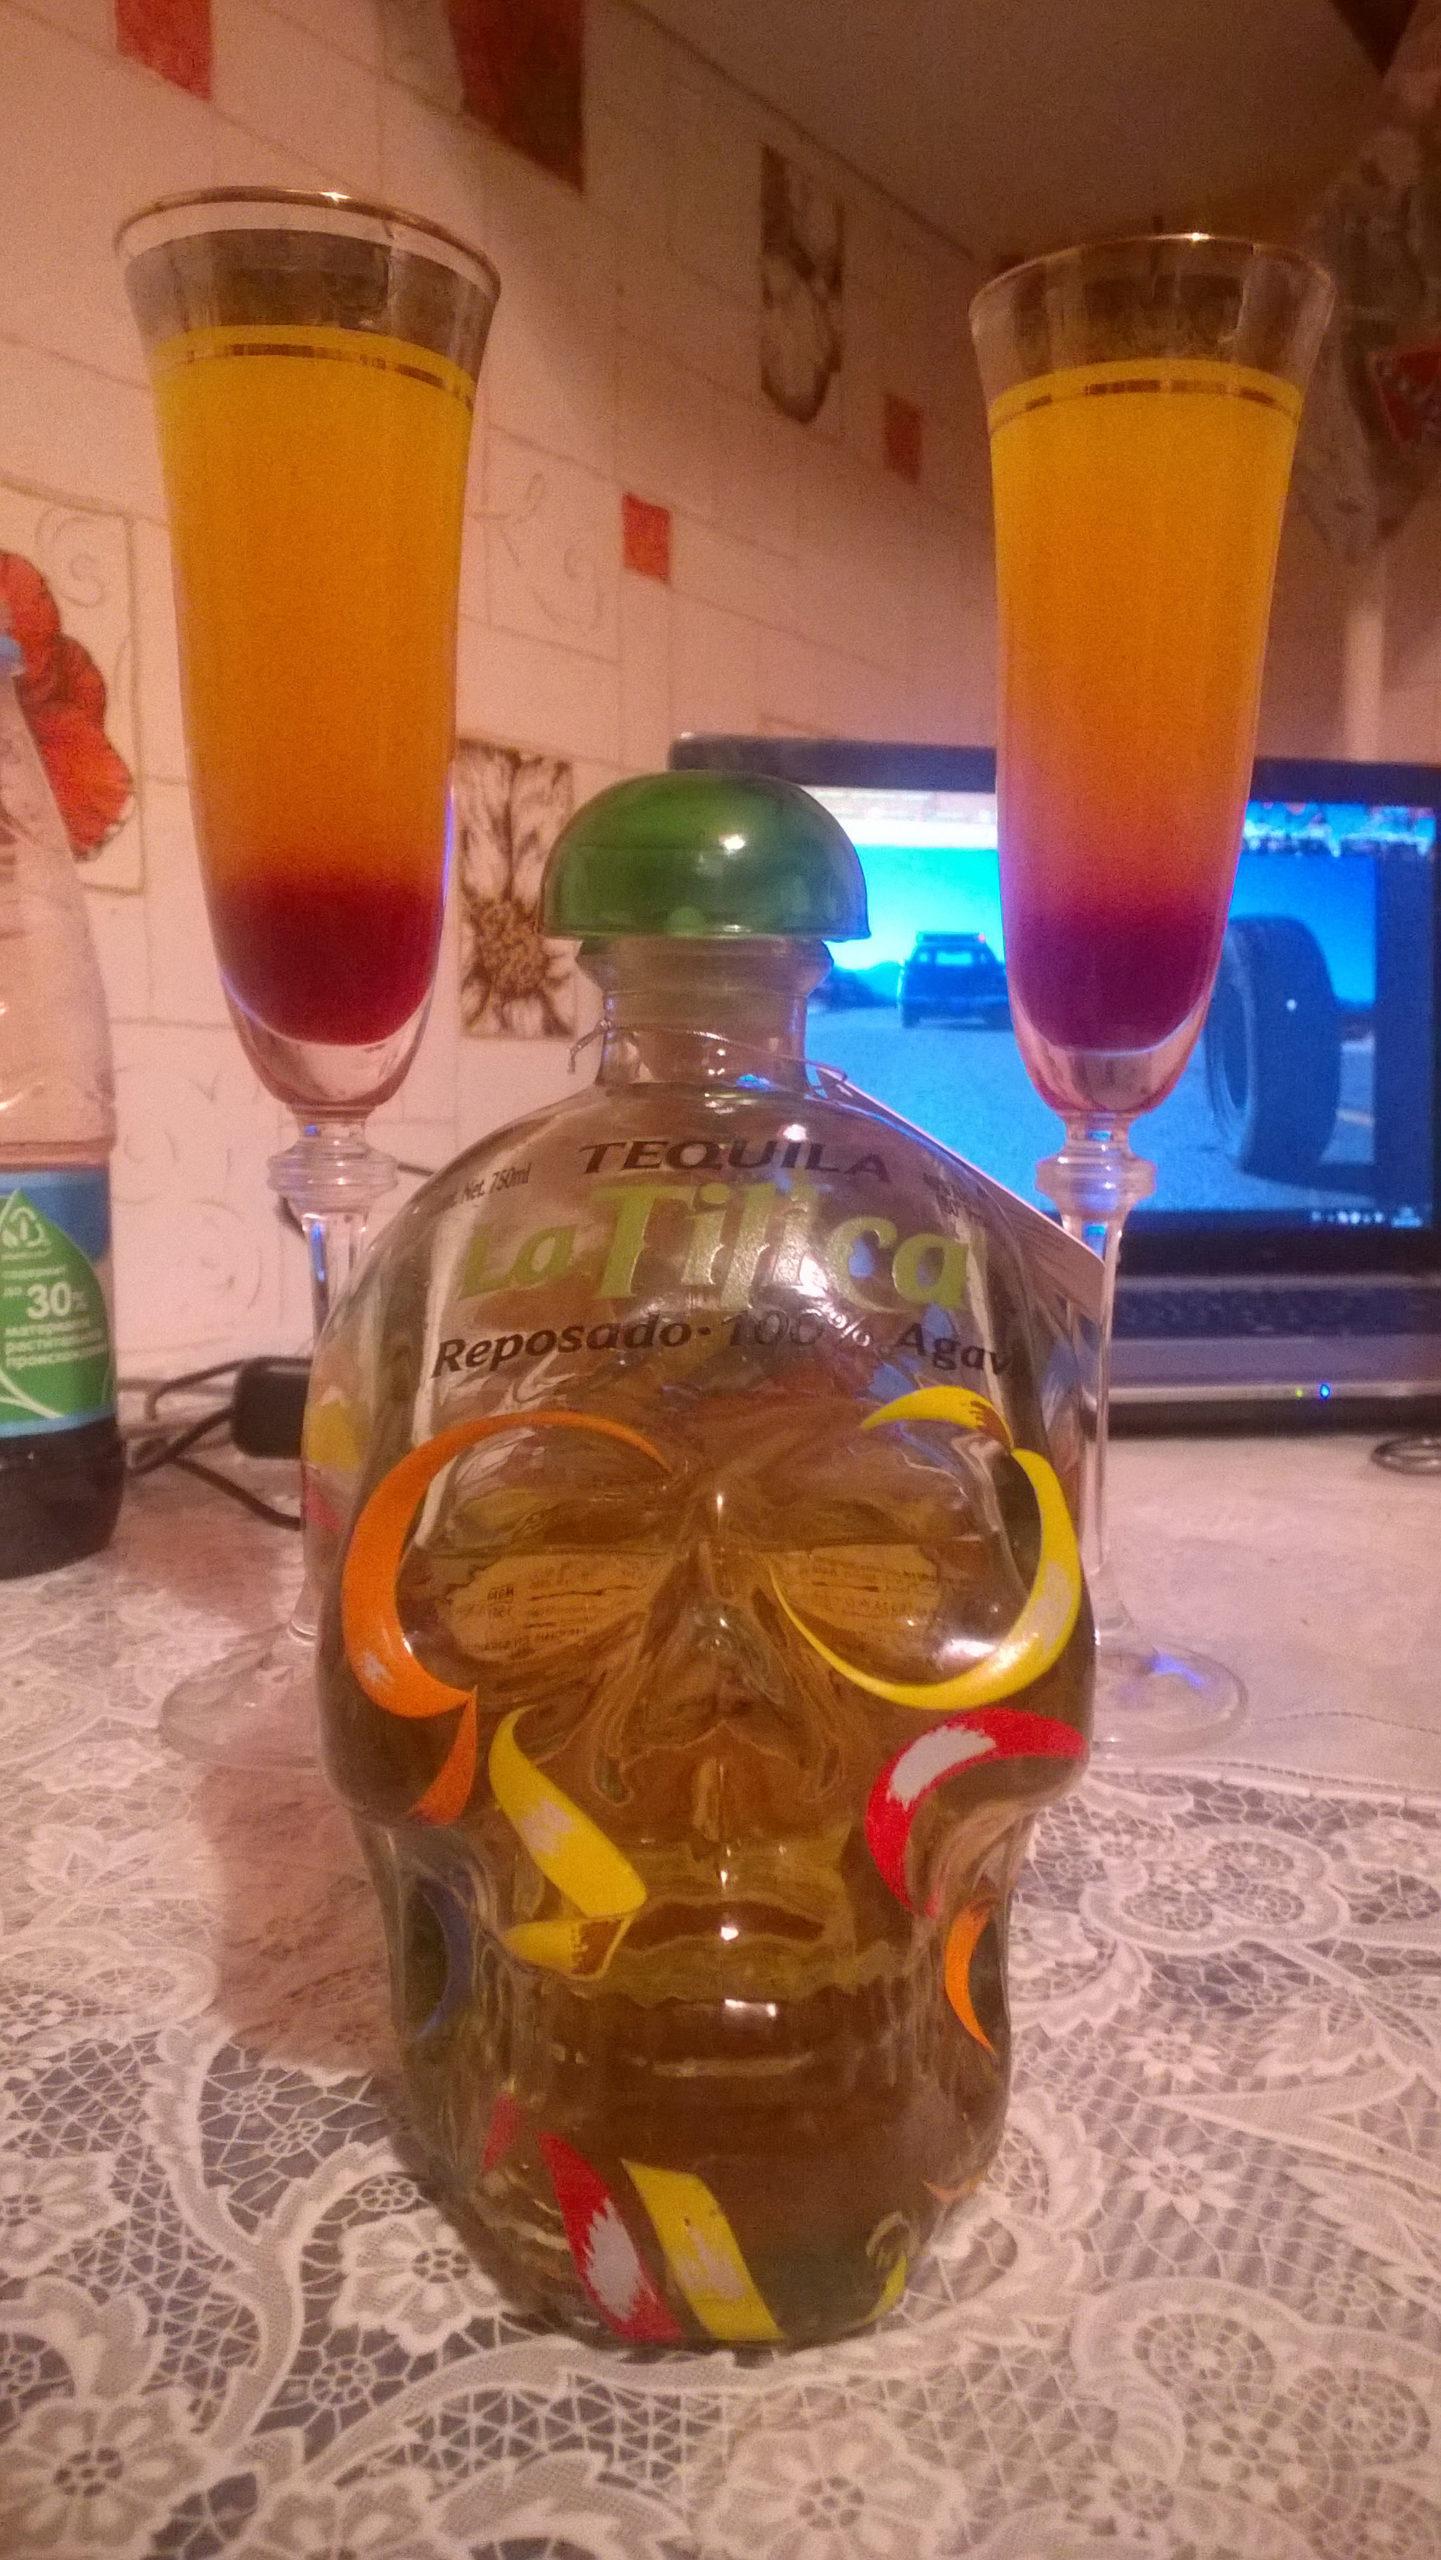 Коктейль Tequila Sunrise, готовый к употреблению.